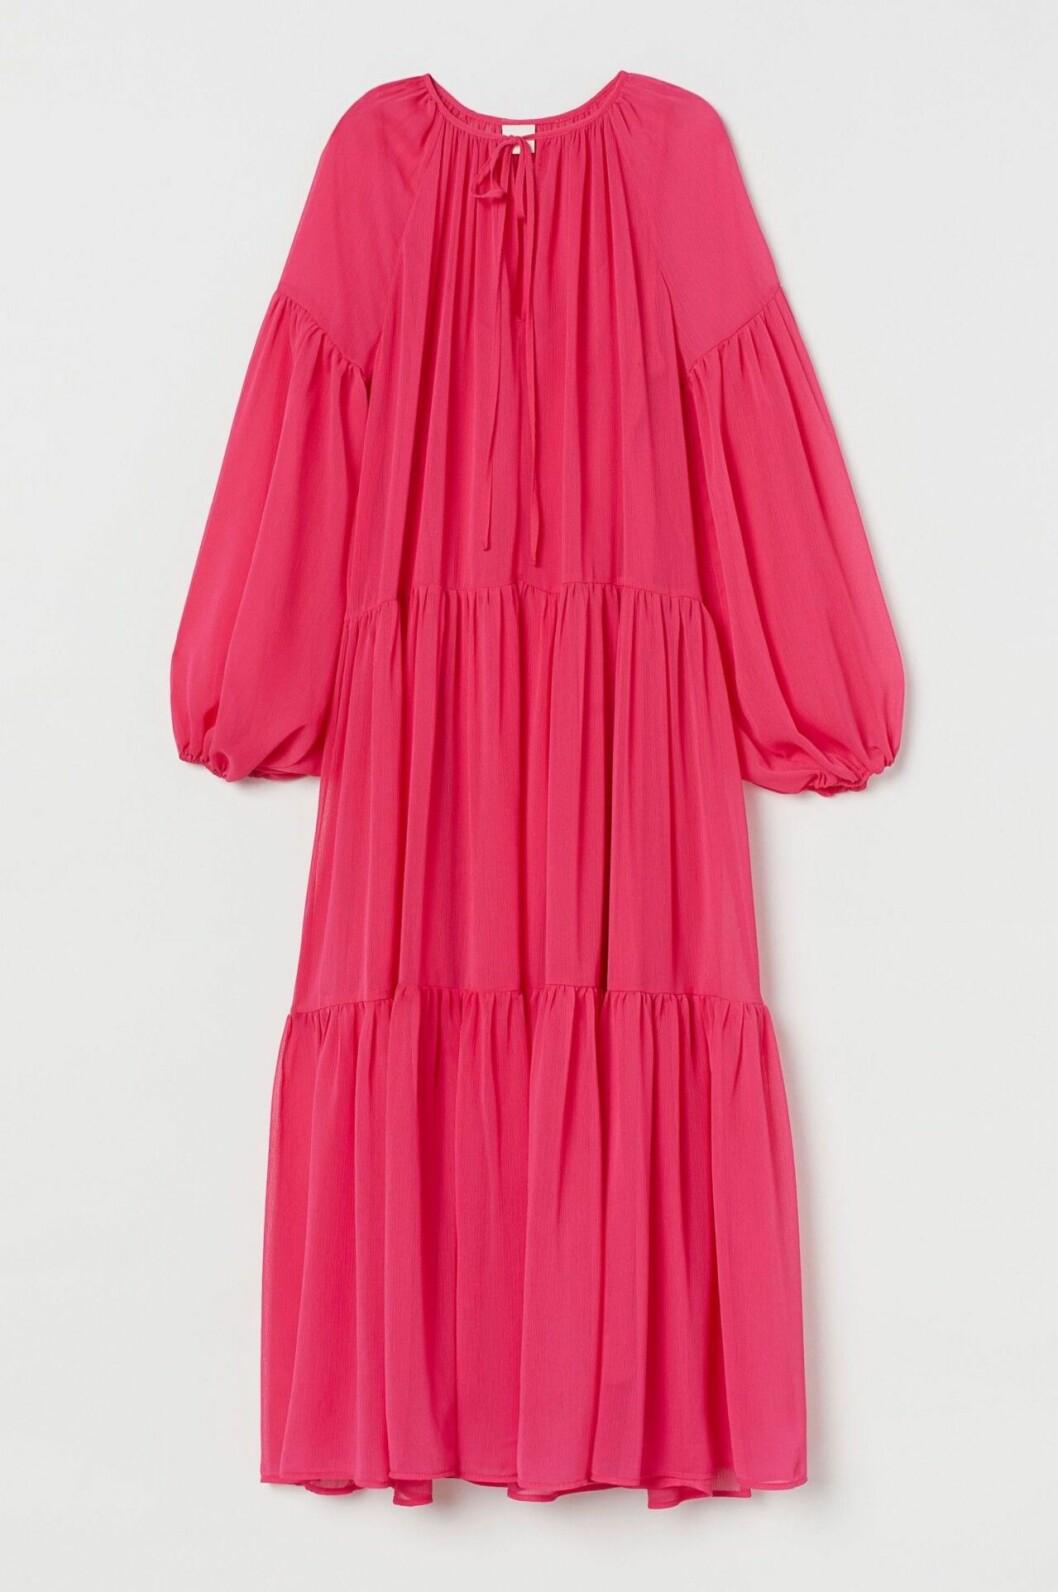 Rosa maxiklänning som funkar med gravidmage